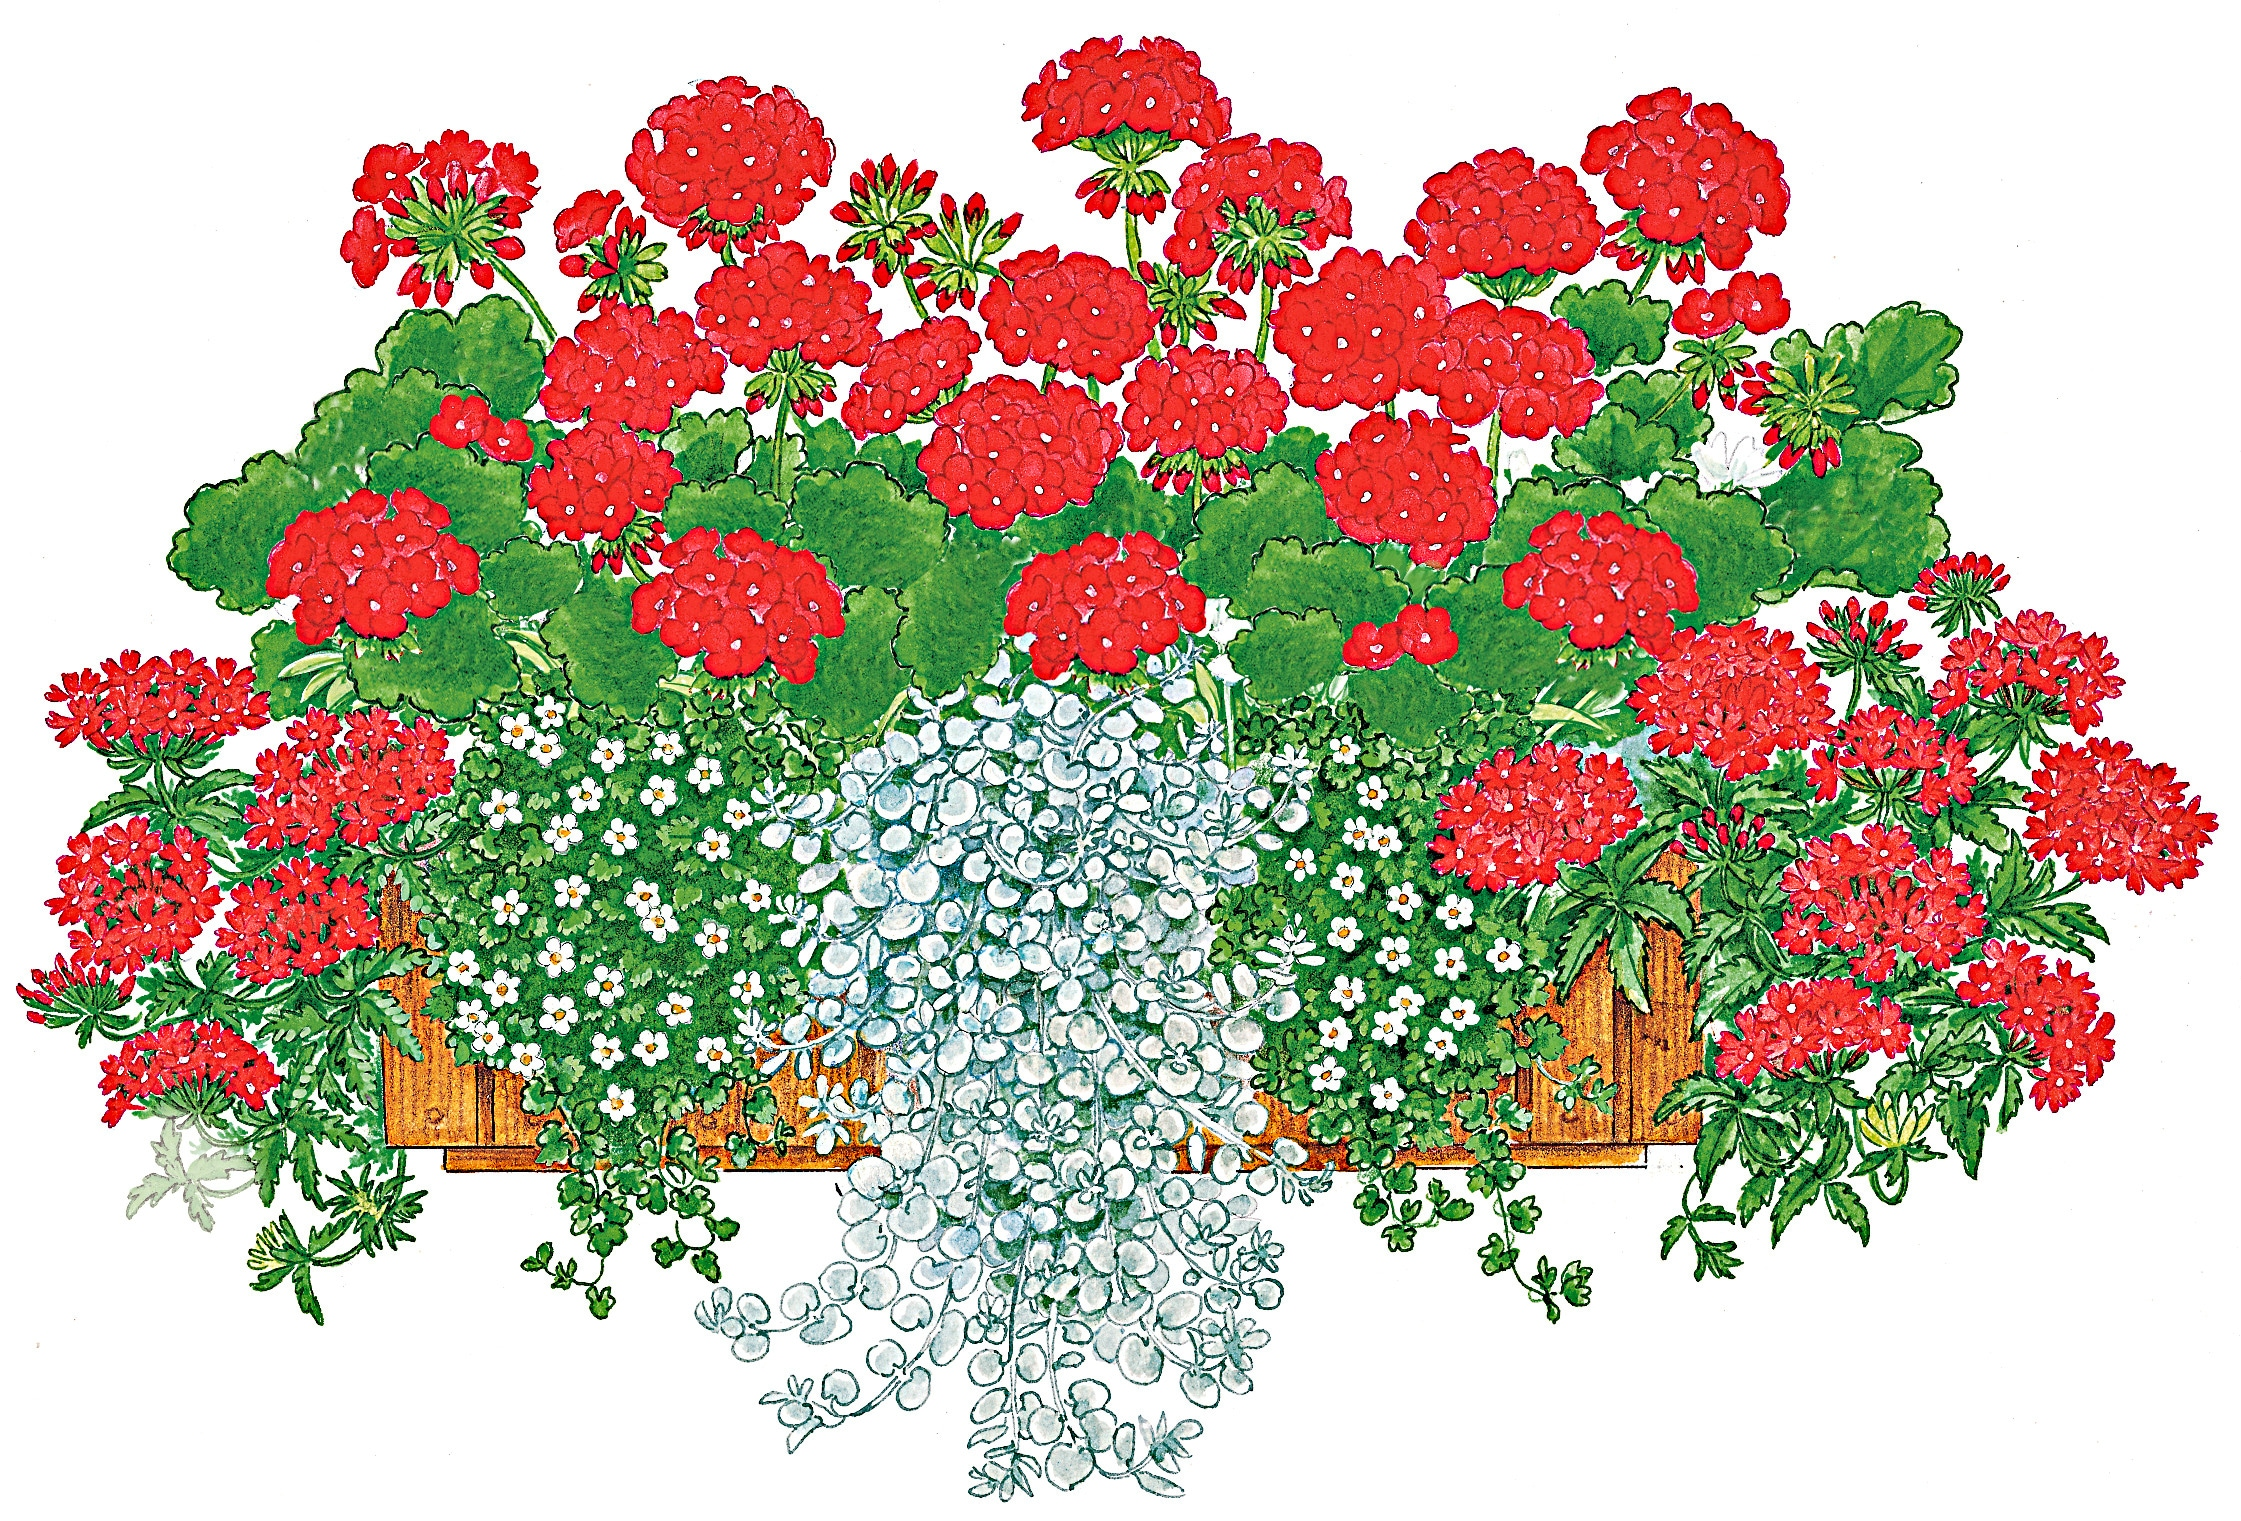 BCM Balkonpflanze Farbfeuer, 8 Pflanzen mit Erde bunt Balkonpflanzen Garten Balkon